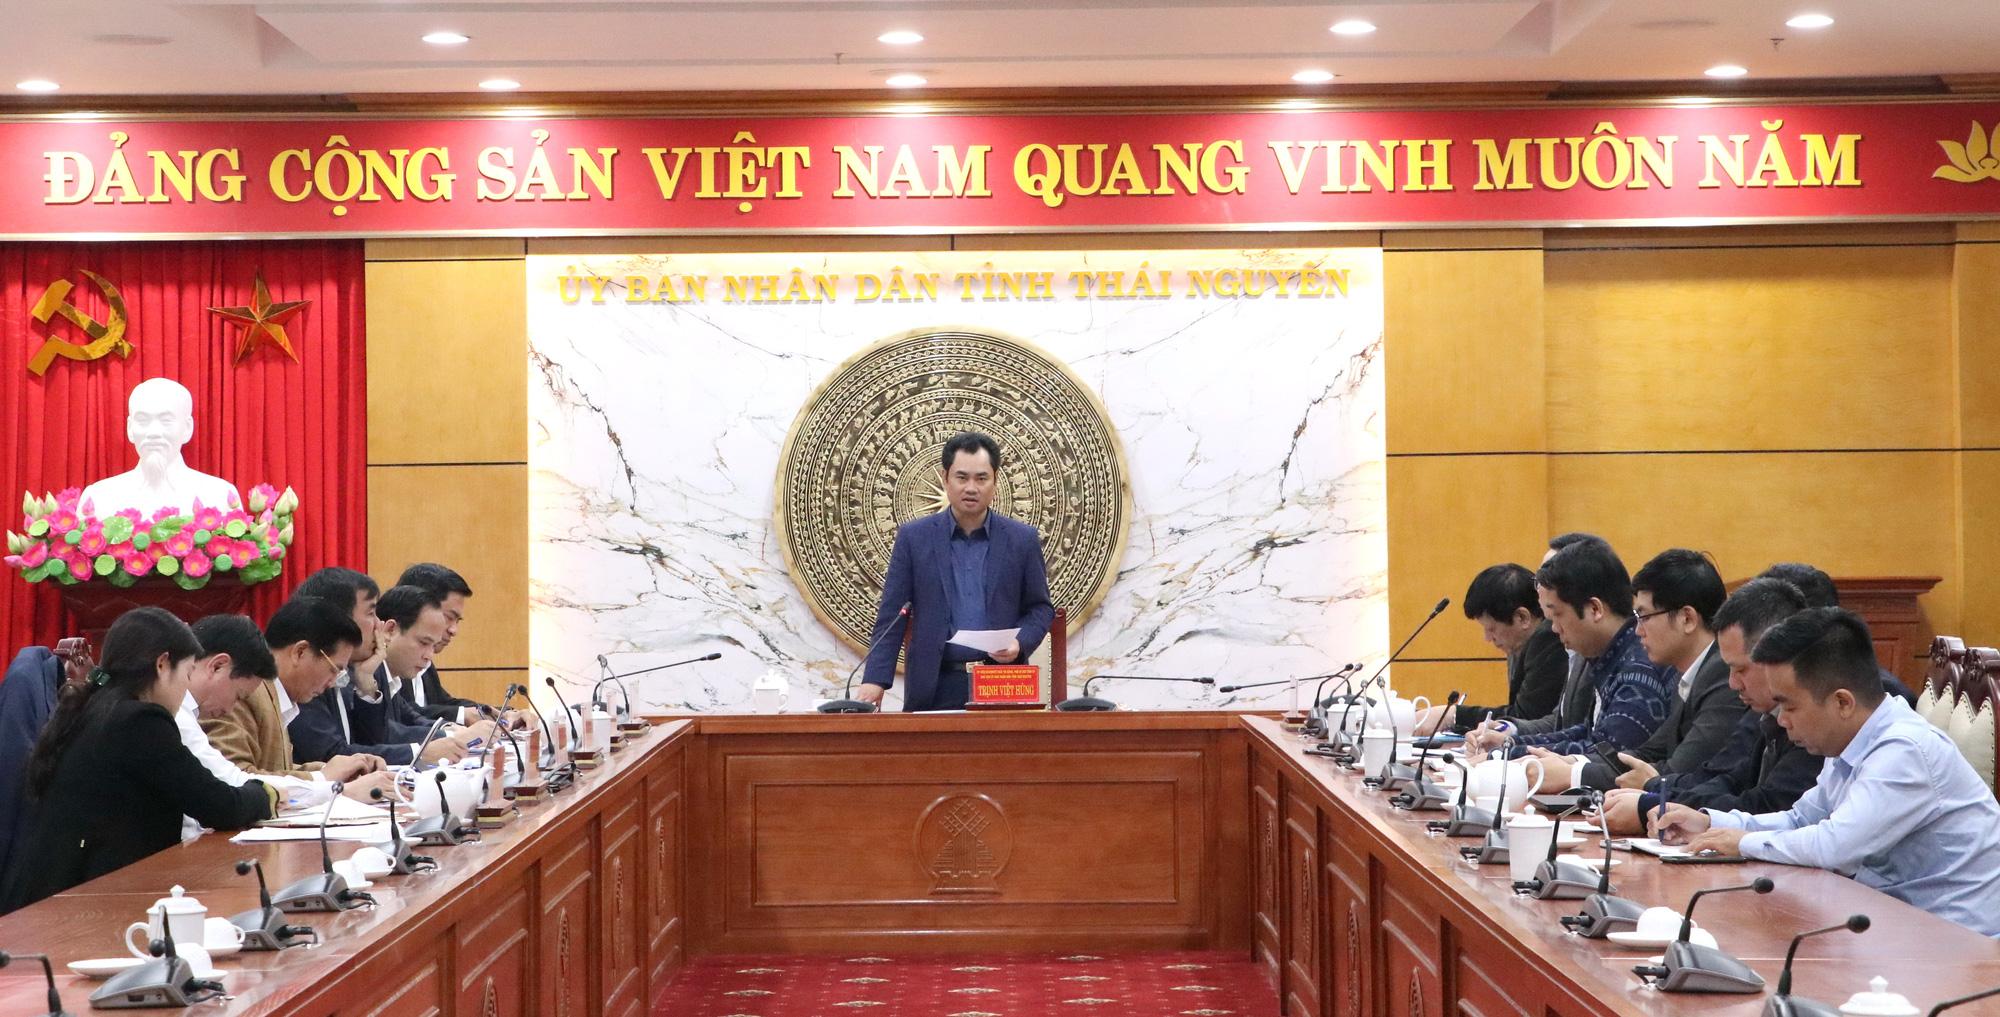 Thái Nguyên báo cáo tiến độ lập Quy hoạch tỉnh giai đoạn 2021 - 2030, tầm nhìn 2050 - Ảnh 1.